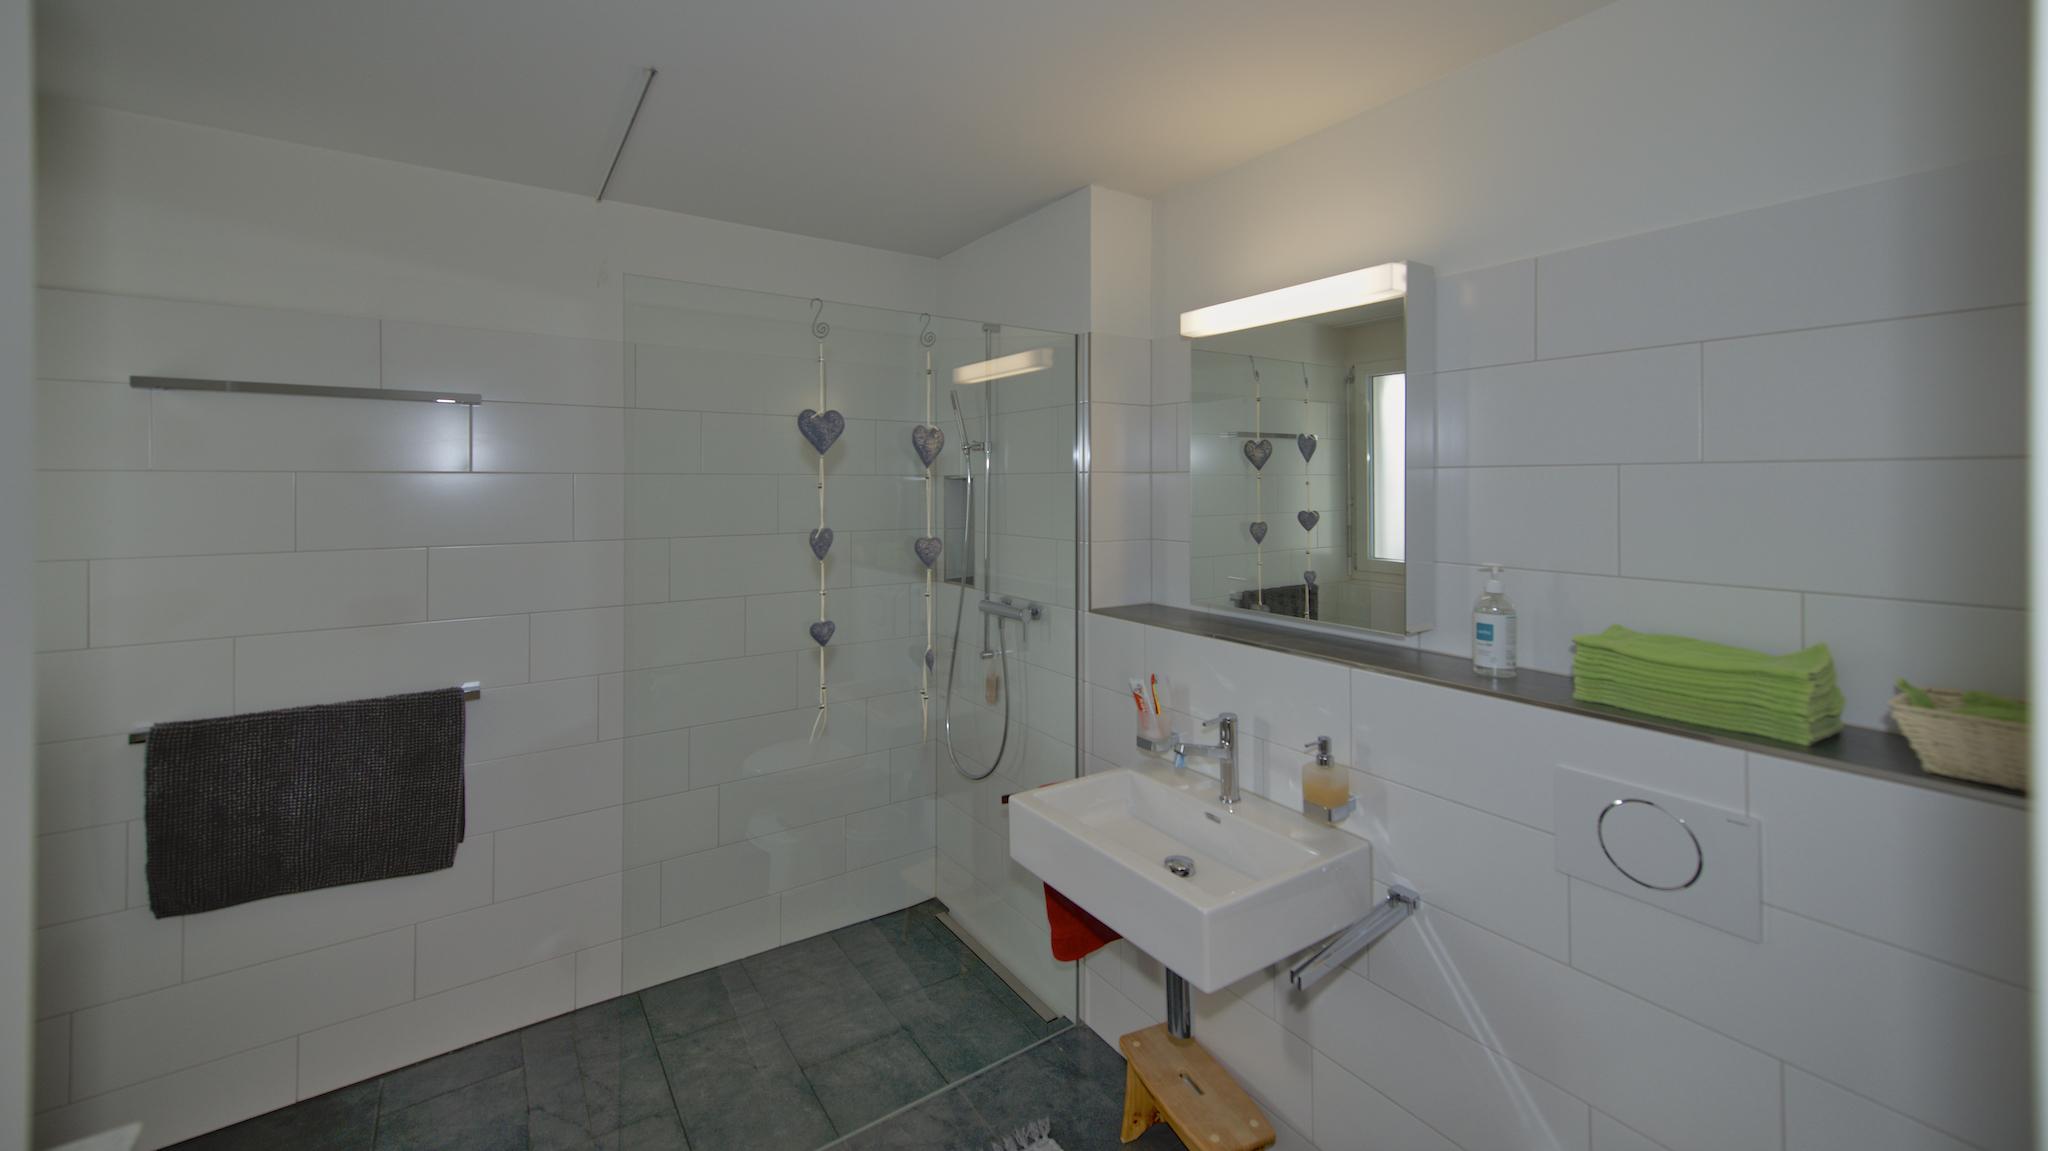 Gäste-WC mit Fenster zum Hauseingang